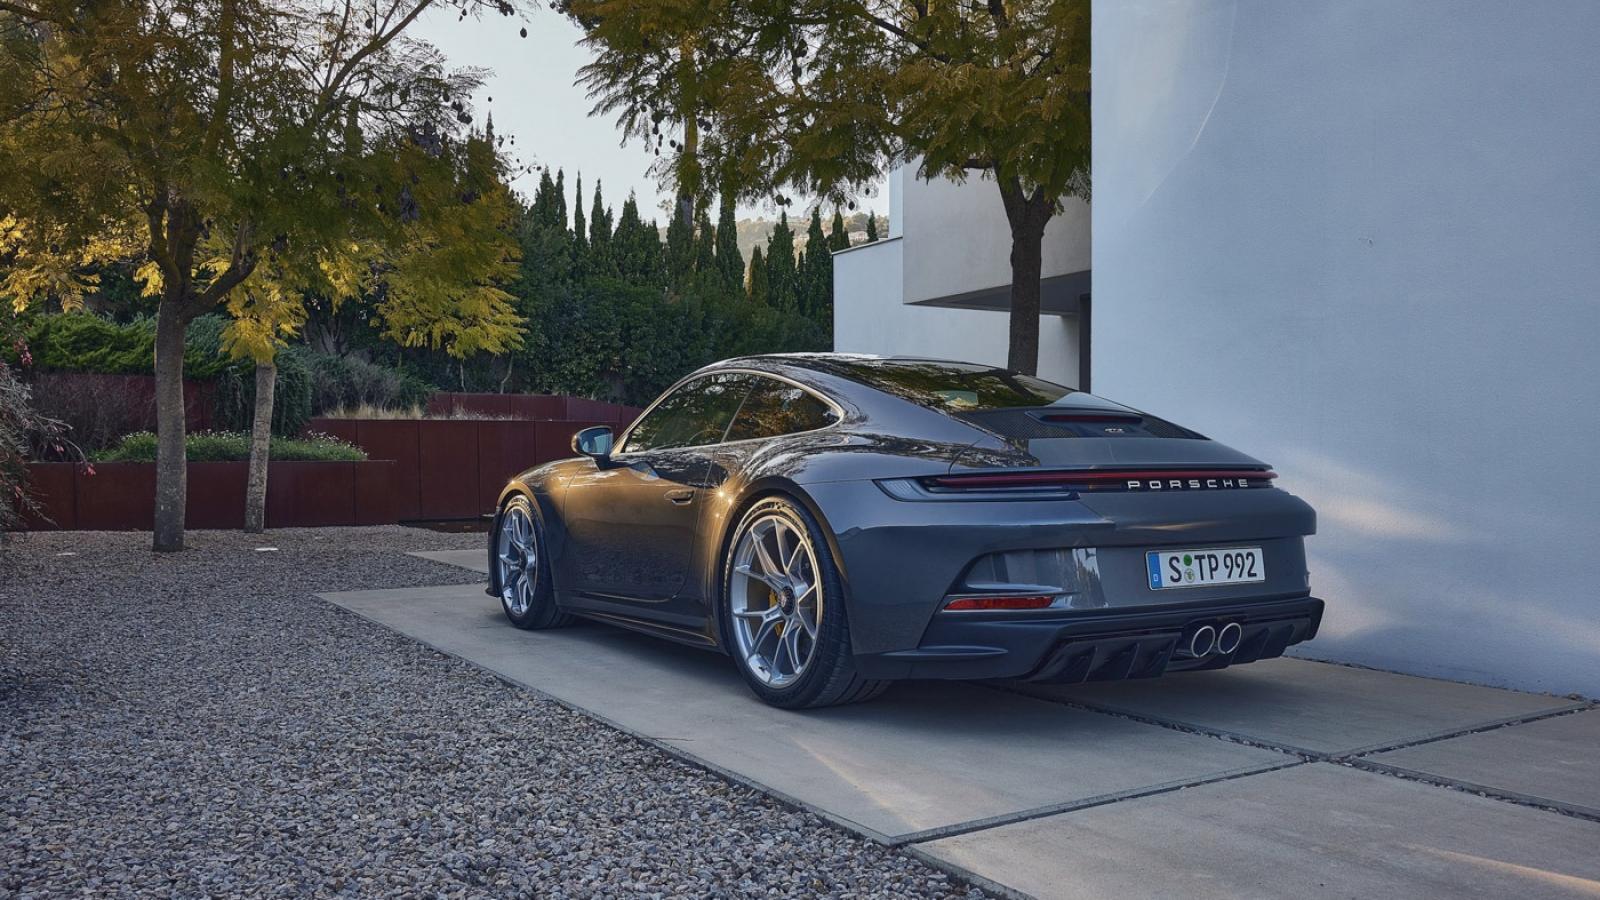 Porsche 911 GT3 số sàn sẽ không được bán tại California vì tiếng ồn